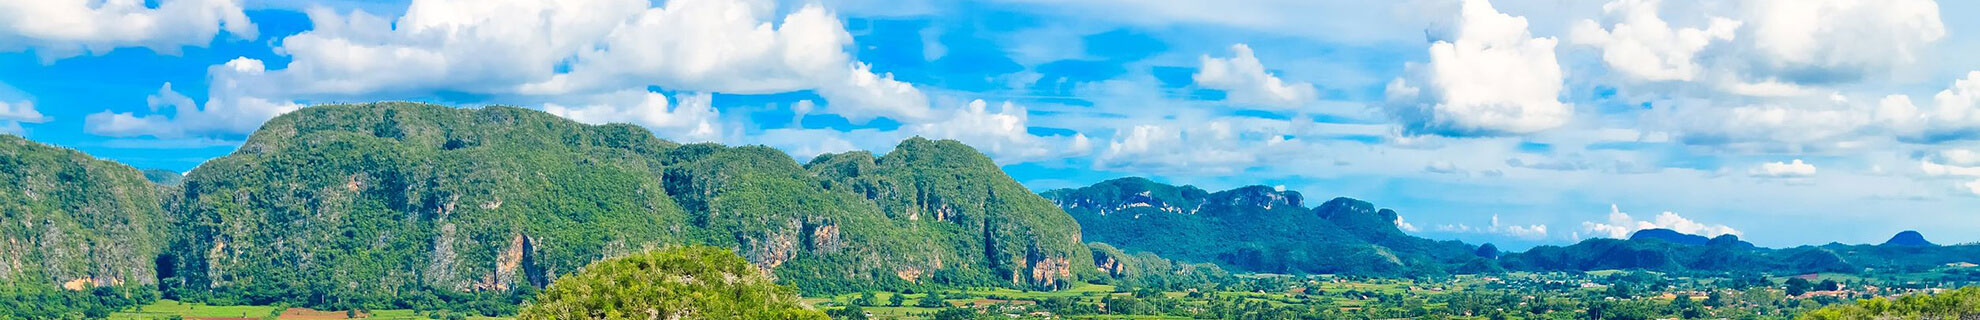 cuba-landscape